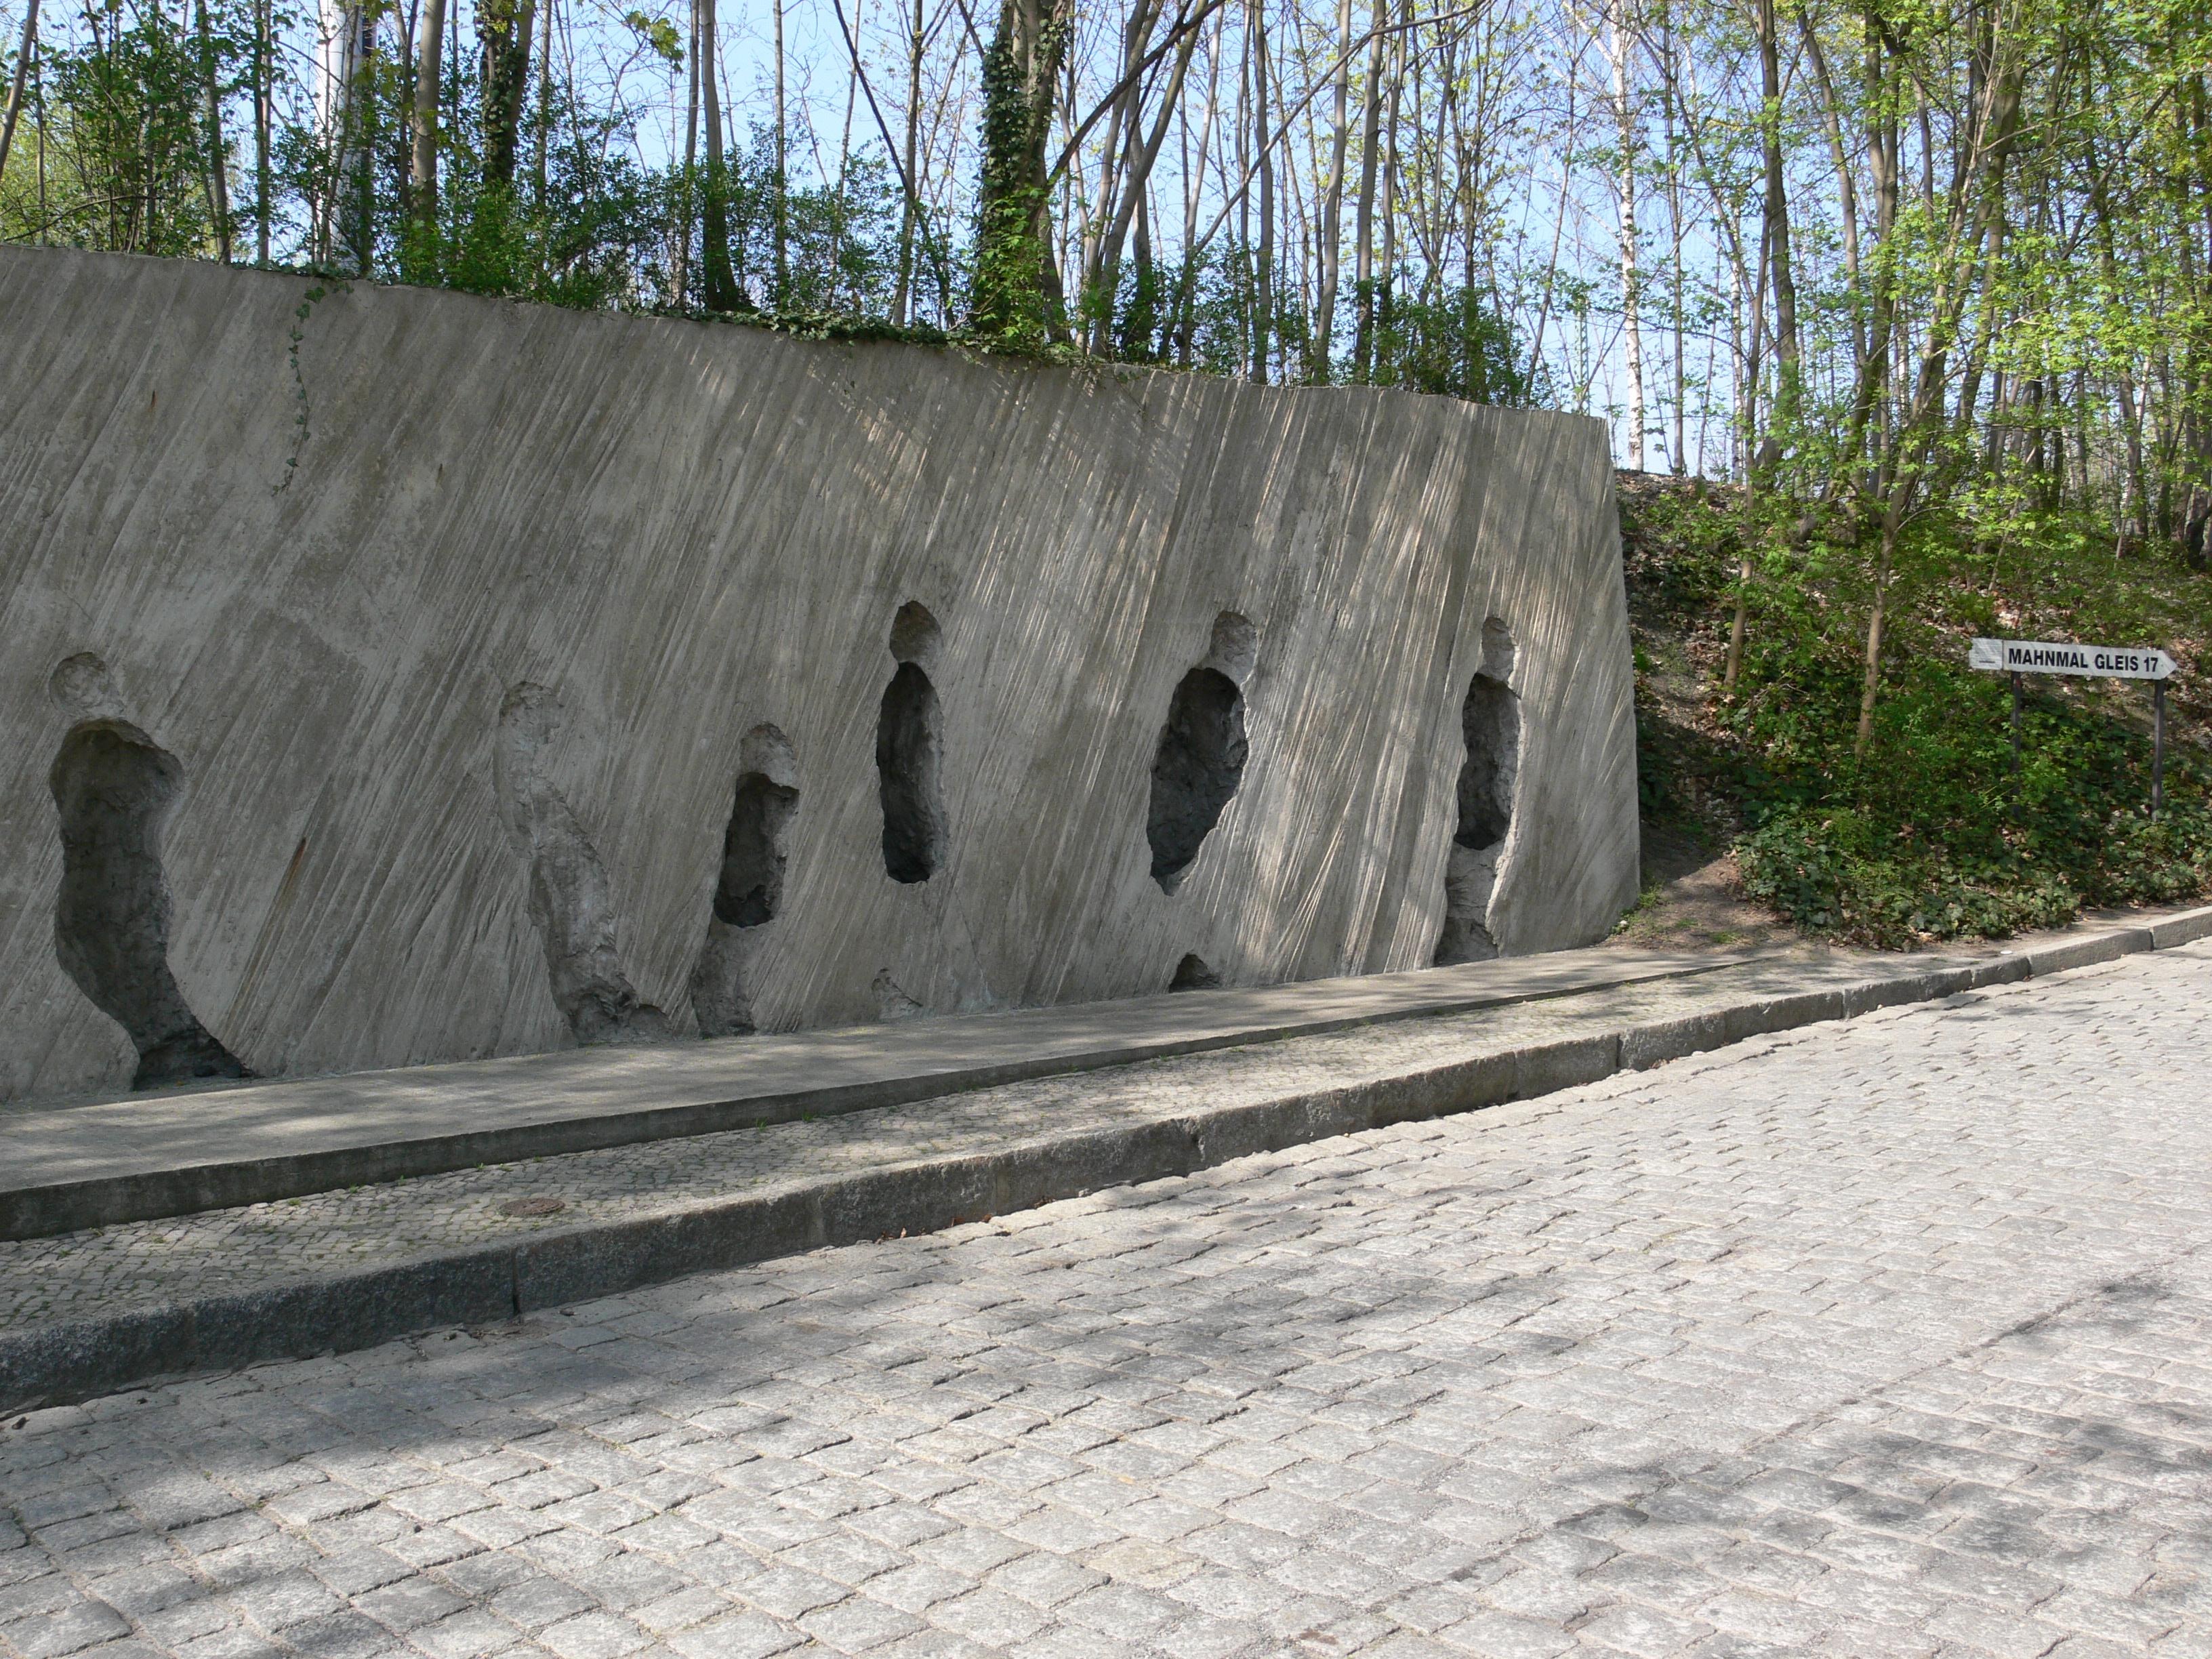 Memorial do Holocausto Gleis 17, na estação de Trem em Berlim.